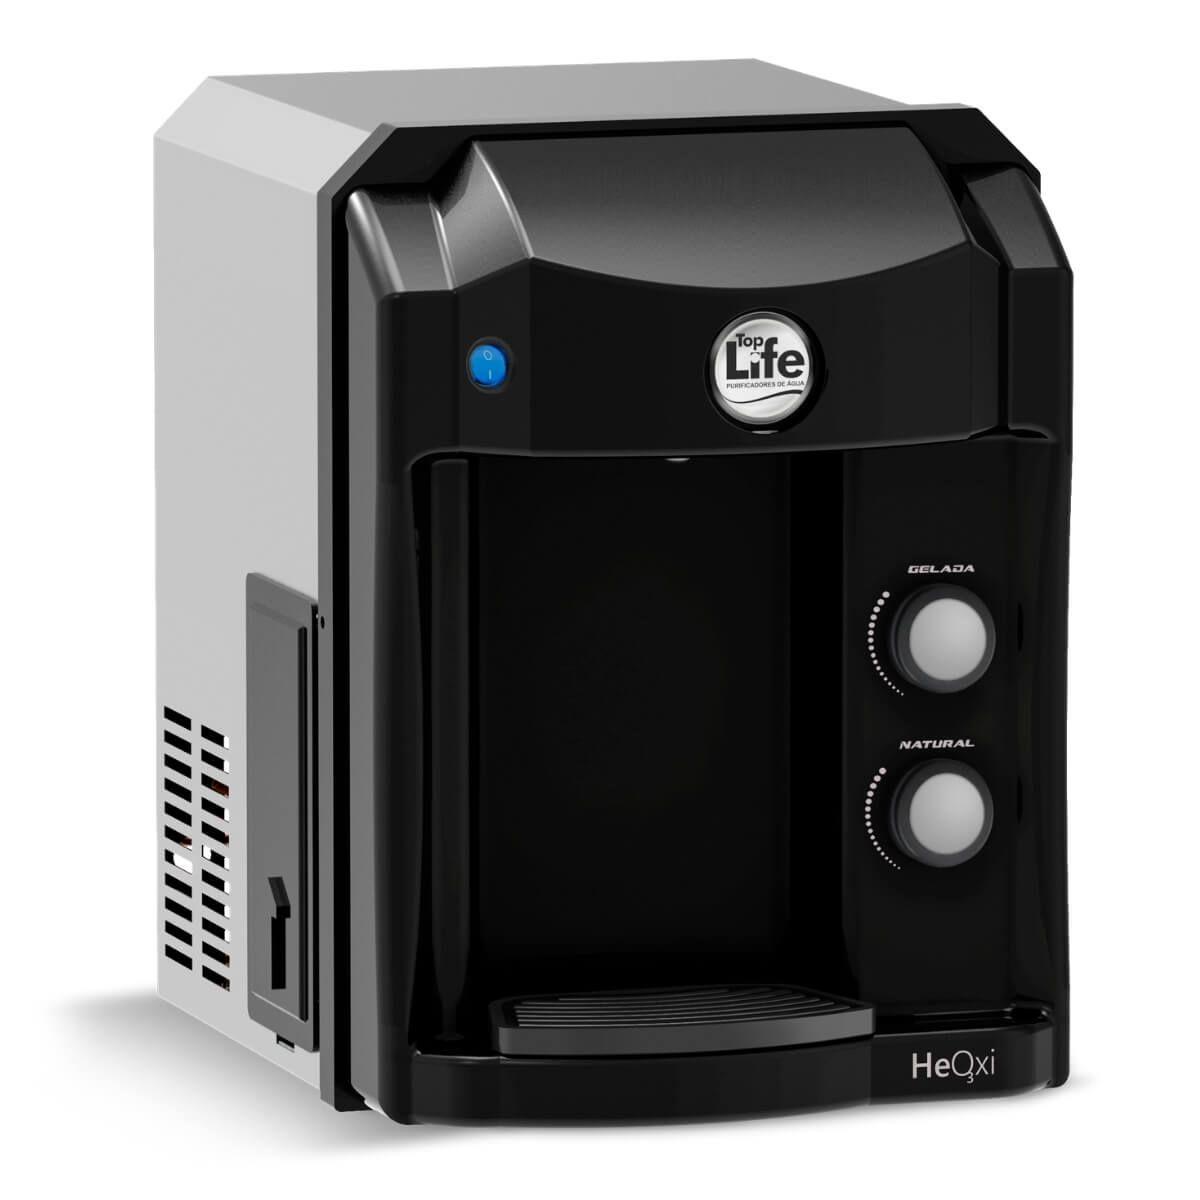 Filtro Purificador Alcalino e Ionizado Com Ozônio Top Life - Preto 110V - Frete Grátis -10x Sem Juros